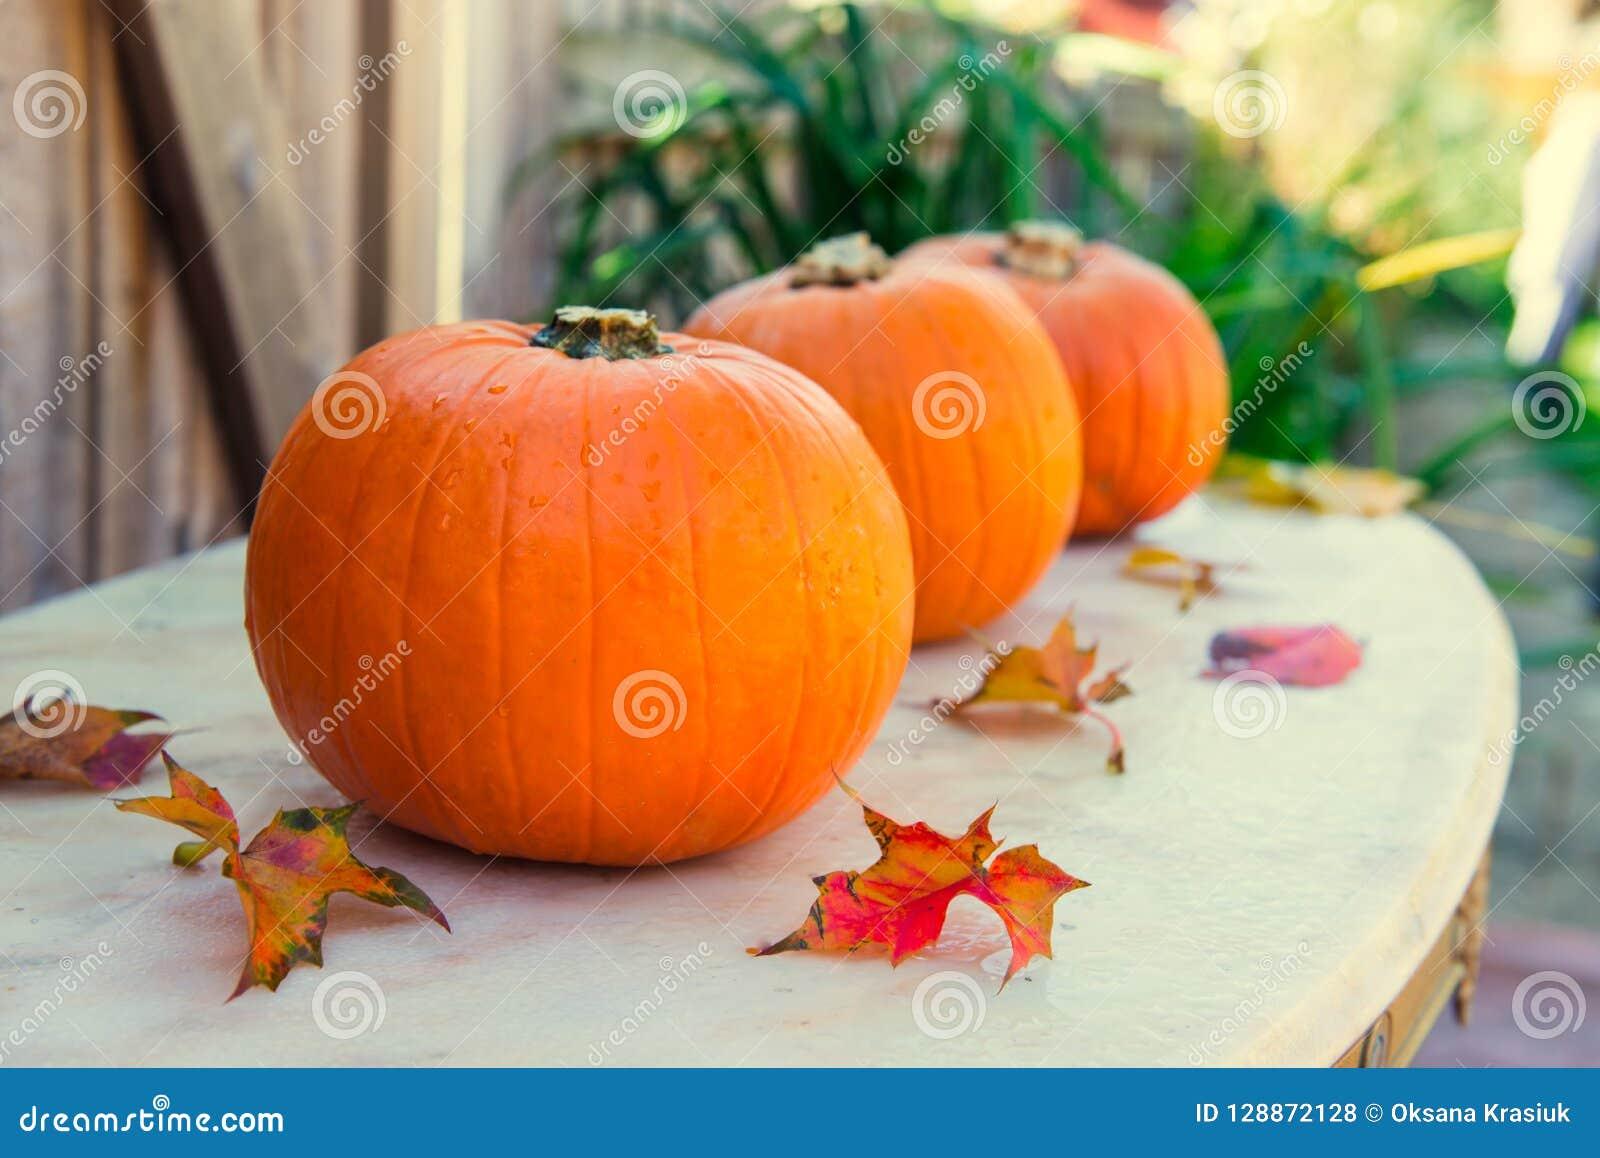 Drei Kürbise mit Fall verlässt auf Steintabelle mit gaarden Saisonhintergrund Herbsternte, Danksagung, Halloween-Konzept